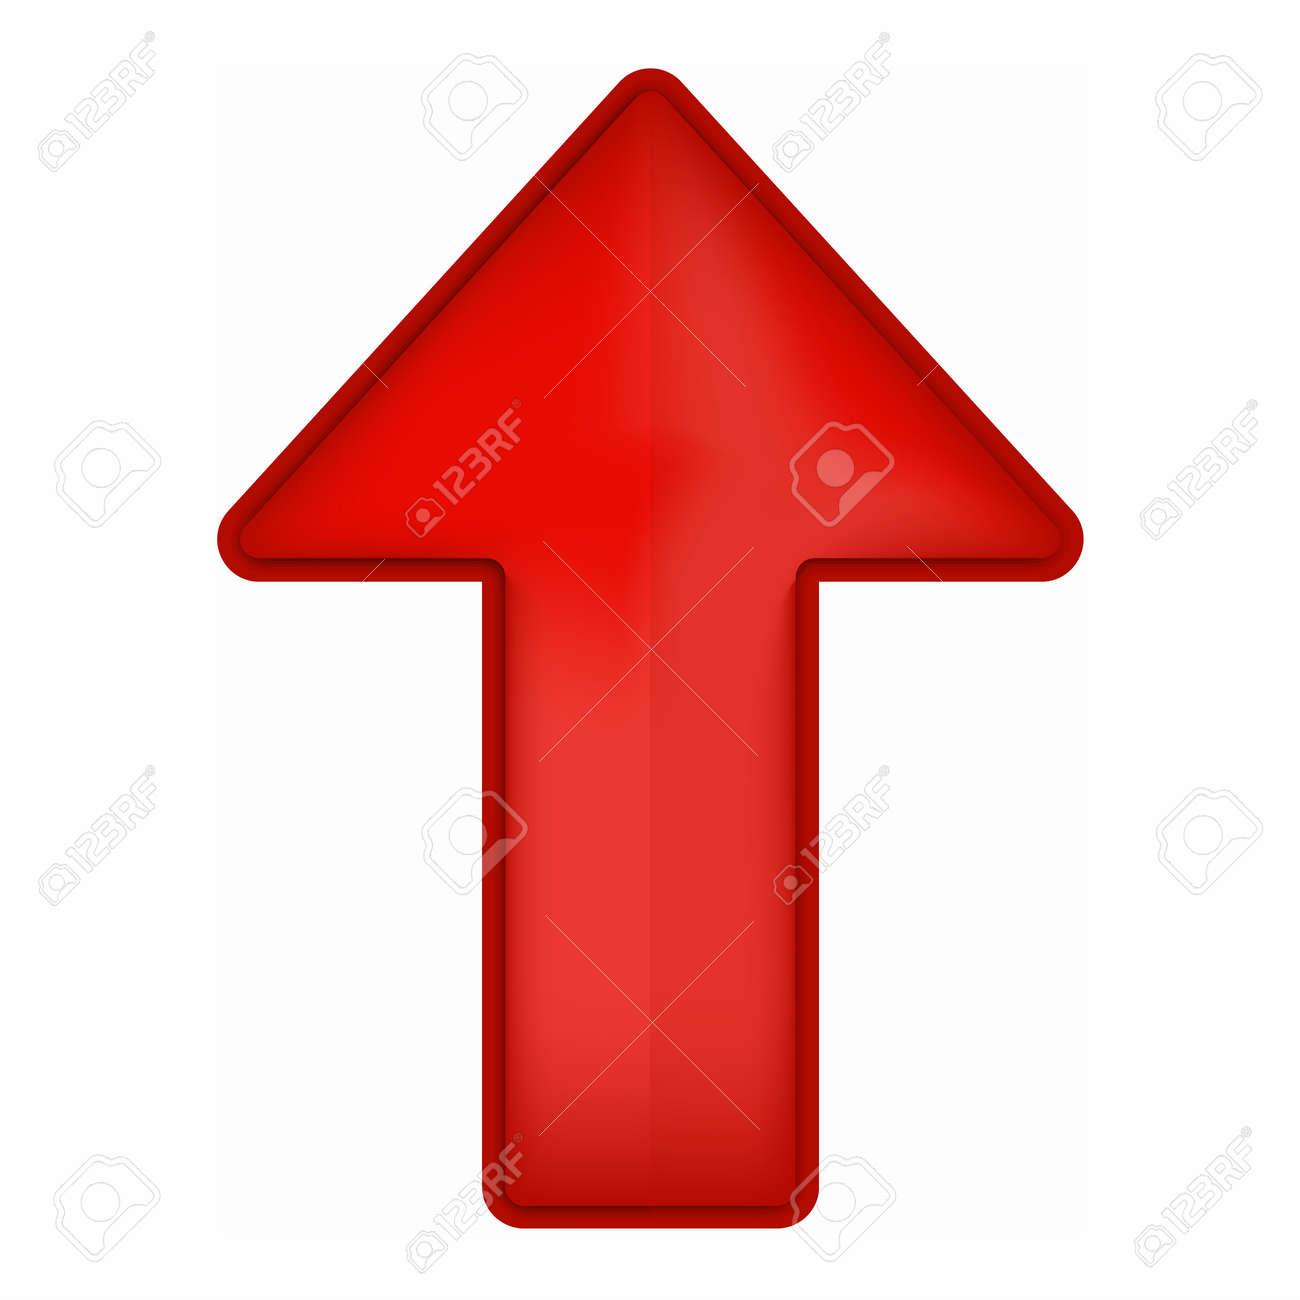 赤い矢印はベクトルのイラスト素材ベクタ Image 40444504